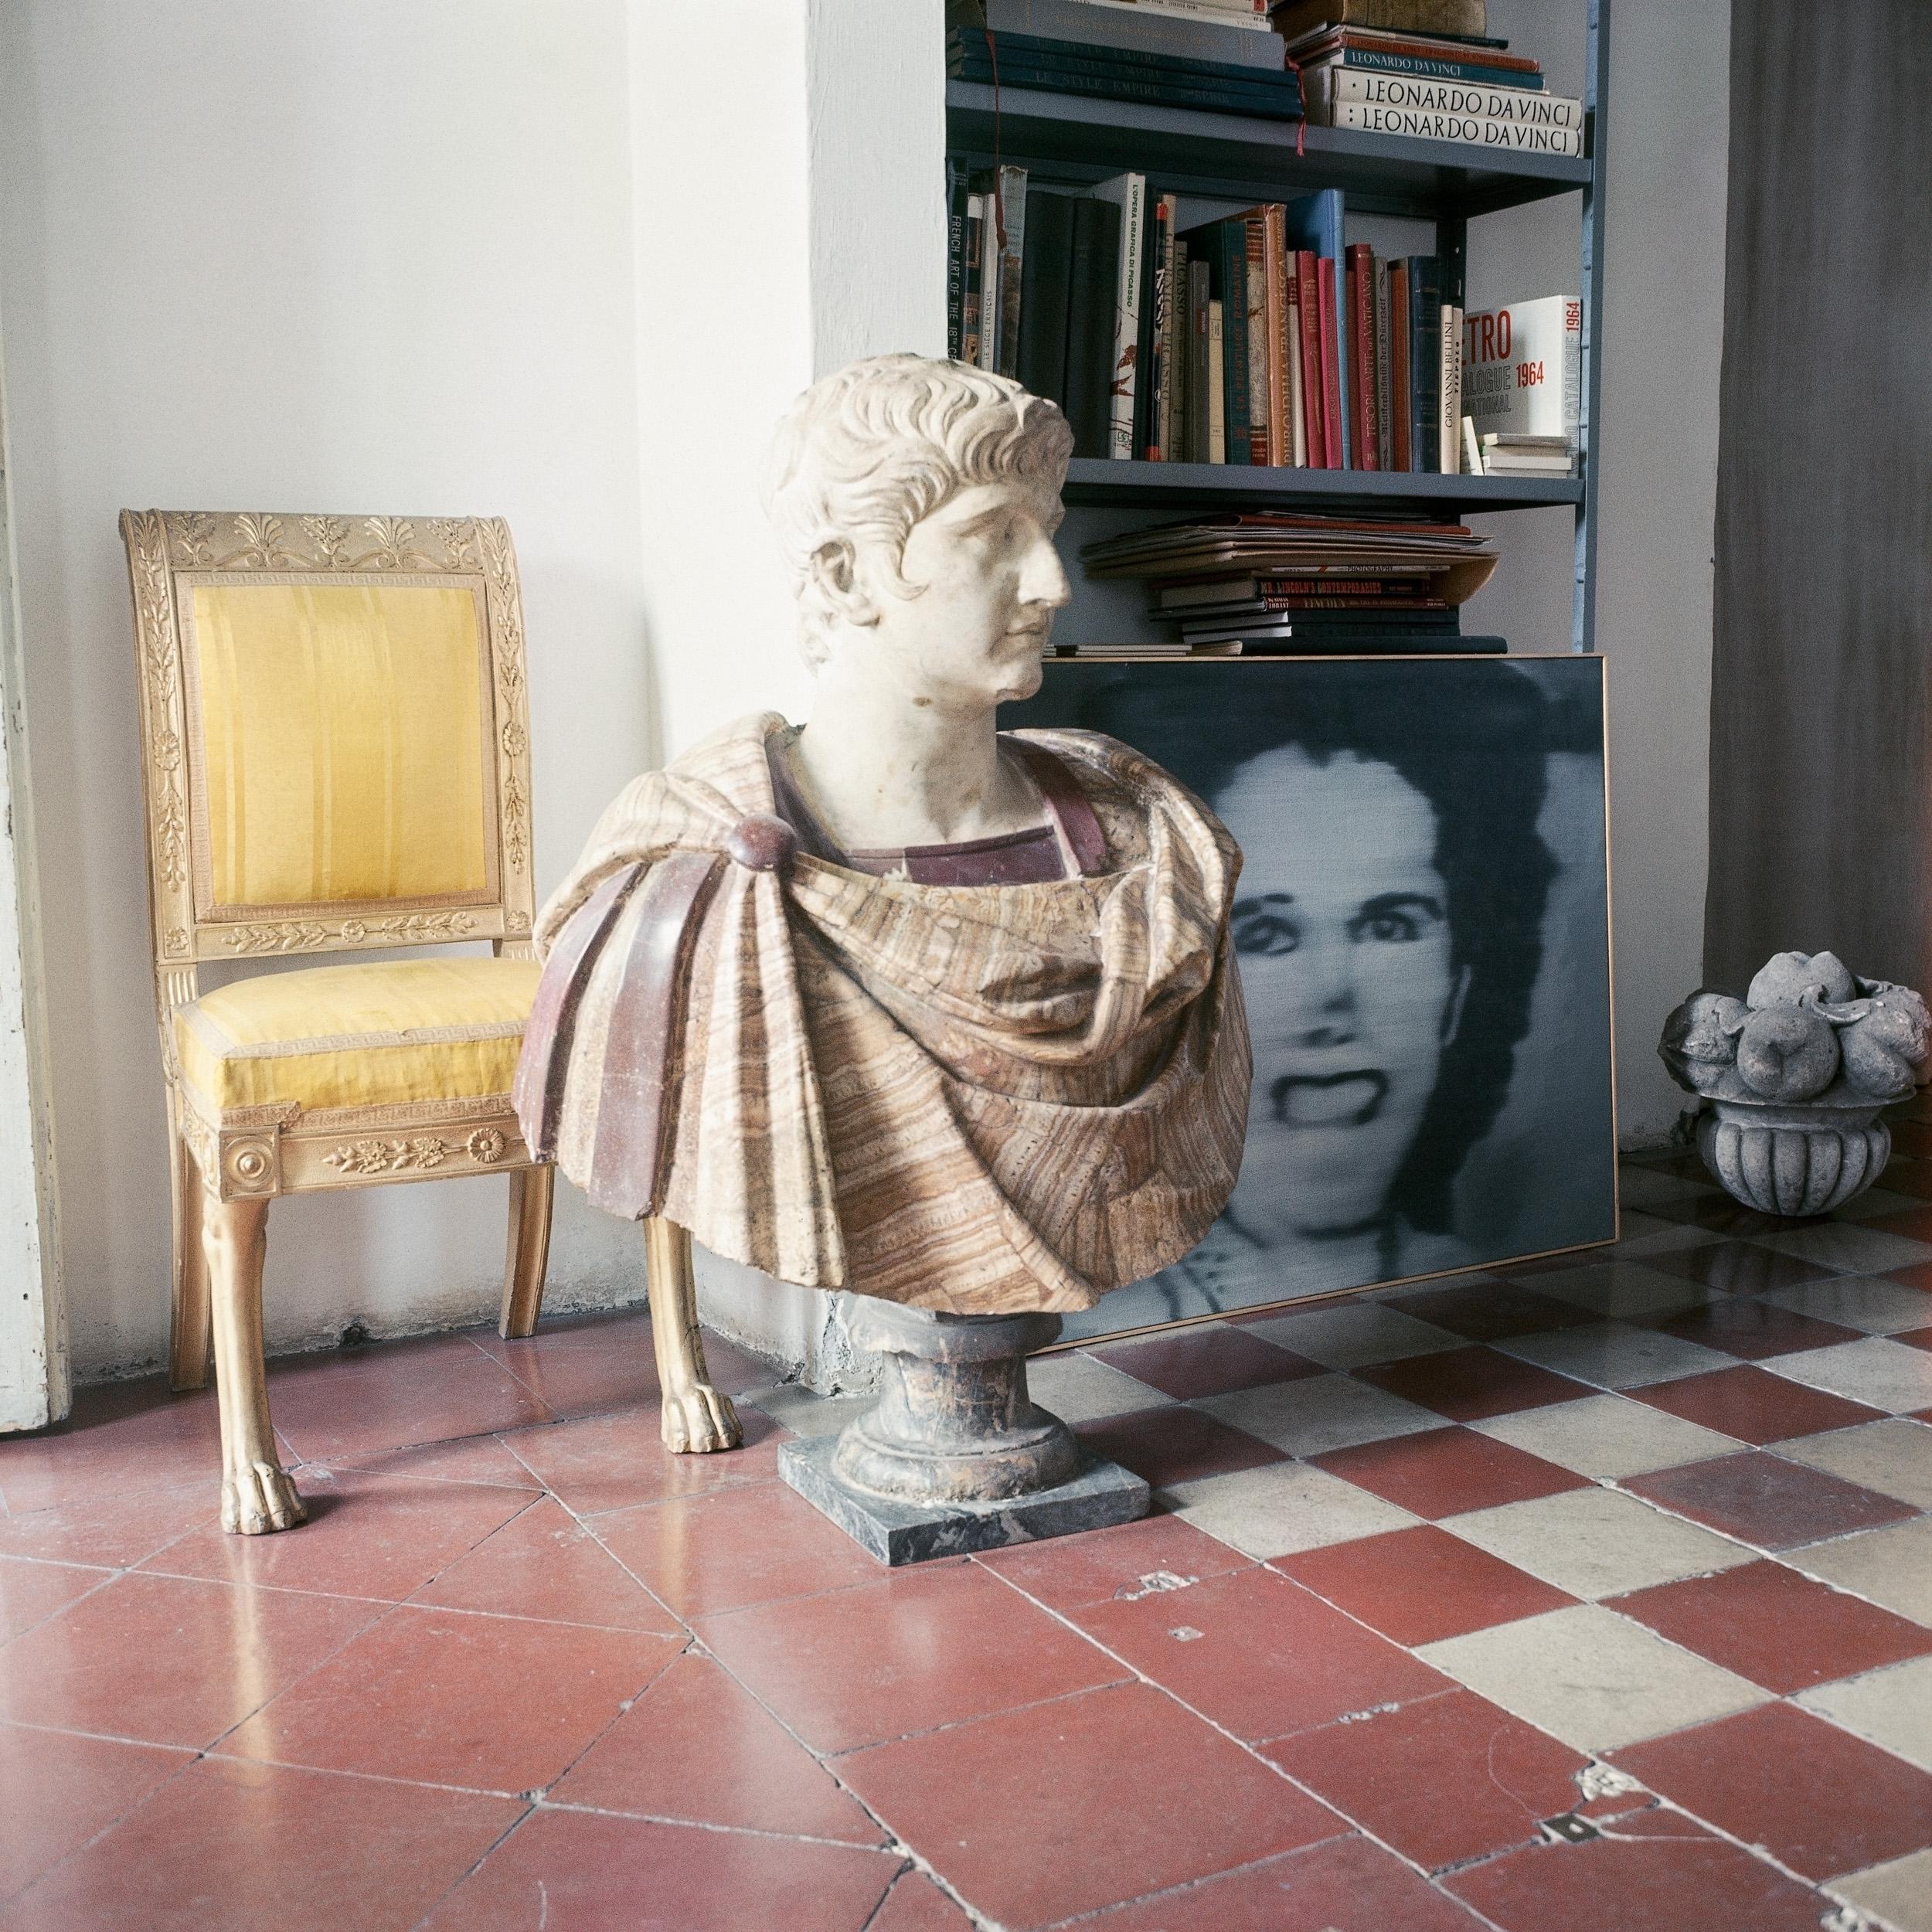 Rome - Untitled #29-Portfolio #4